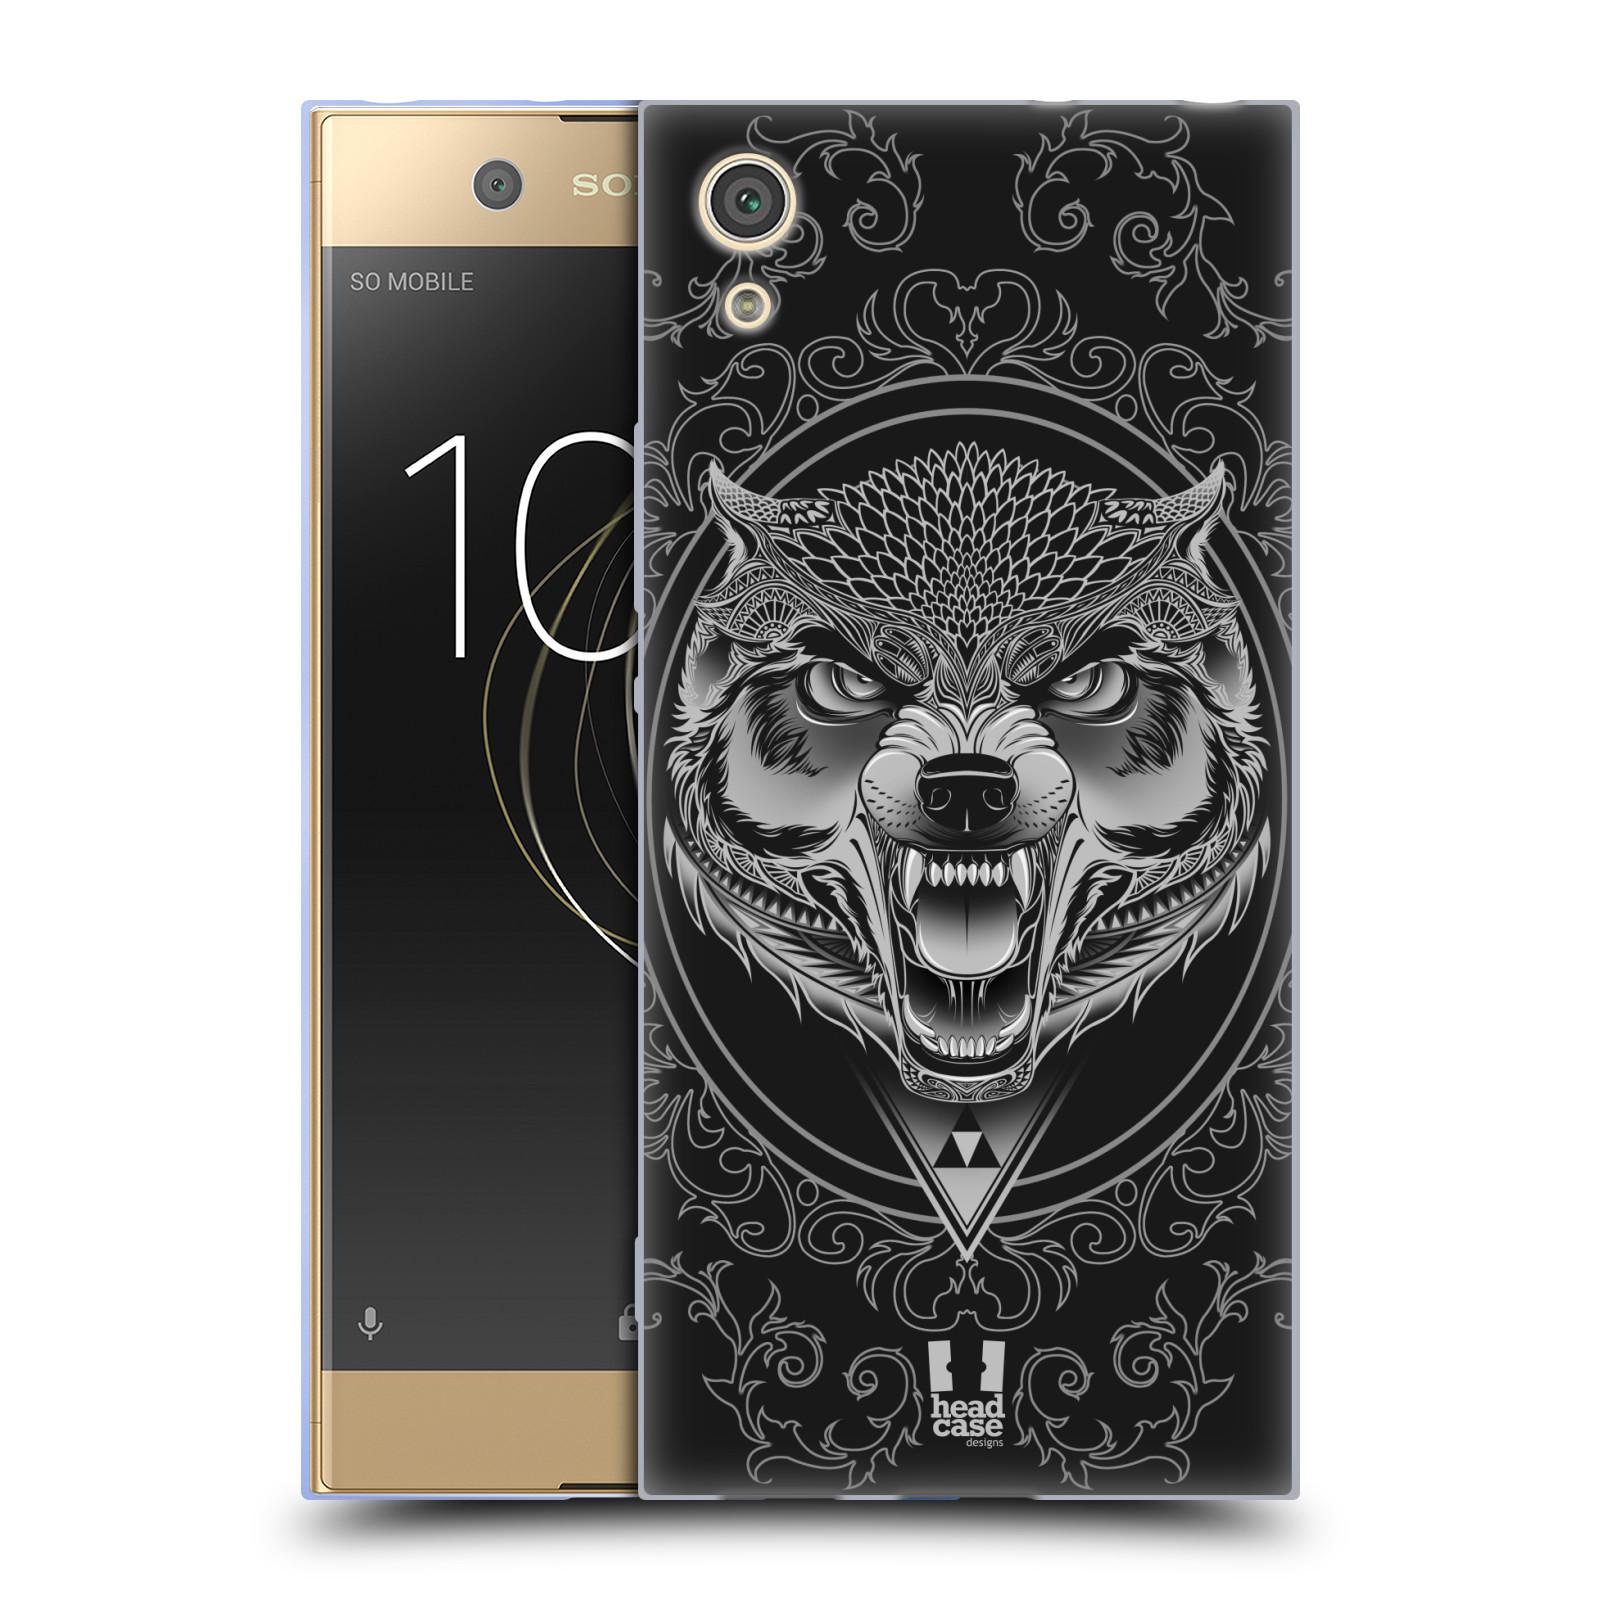 Silikonové pouzdro na mobil Sony Xperia XA1 - Head Case - Krutý vlk (Silikonový kryt či obal na mobilní telefon Sony Xperia XA1 G3121 s motivem Krutý vlk)